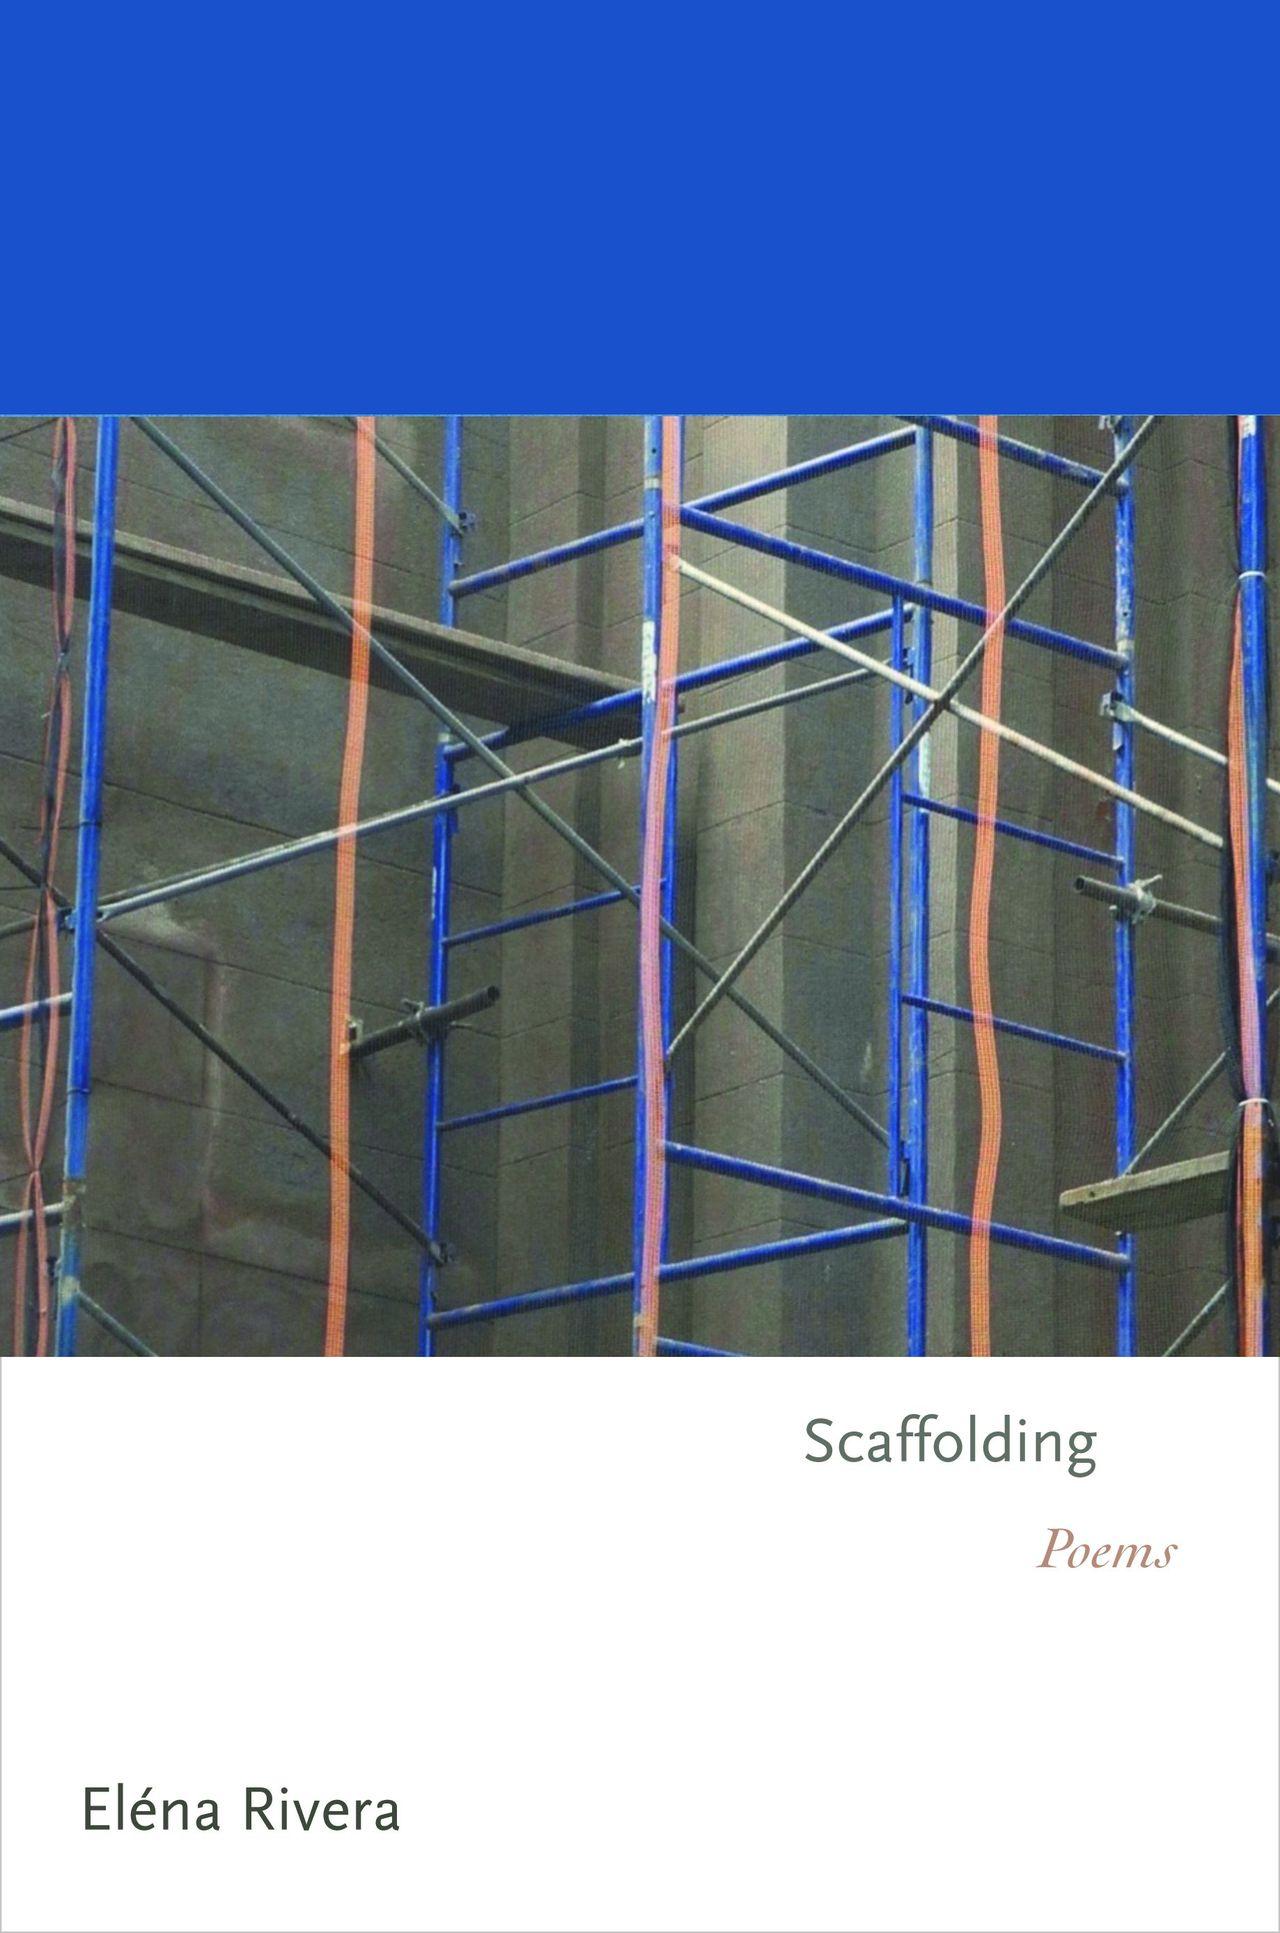 Rivera scaffolding f16